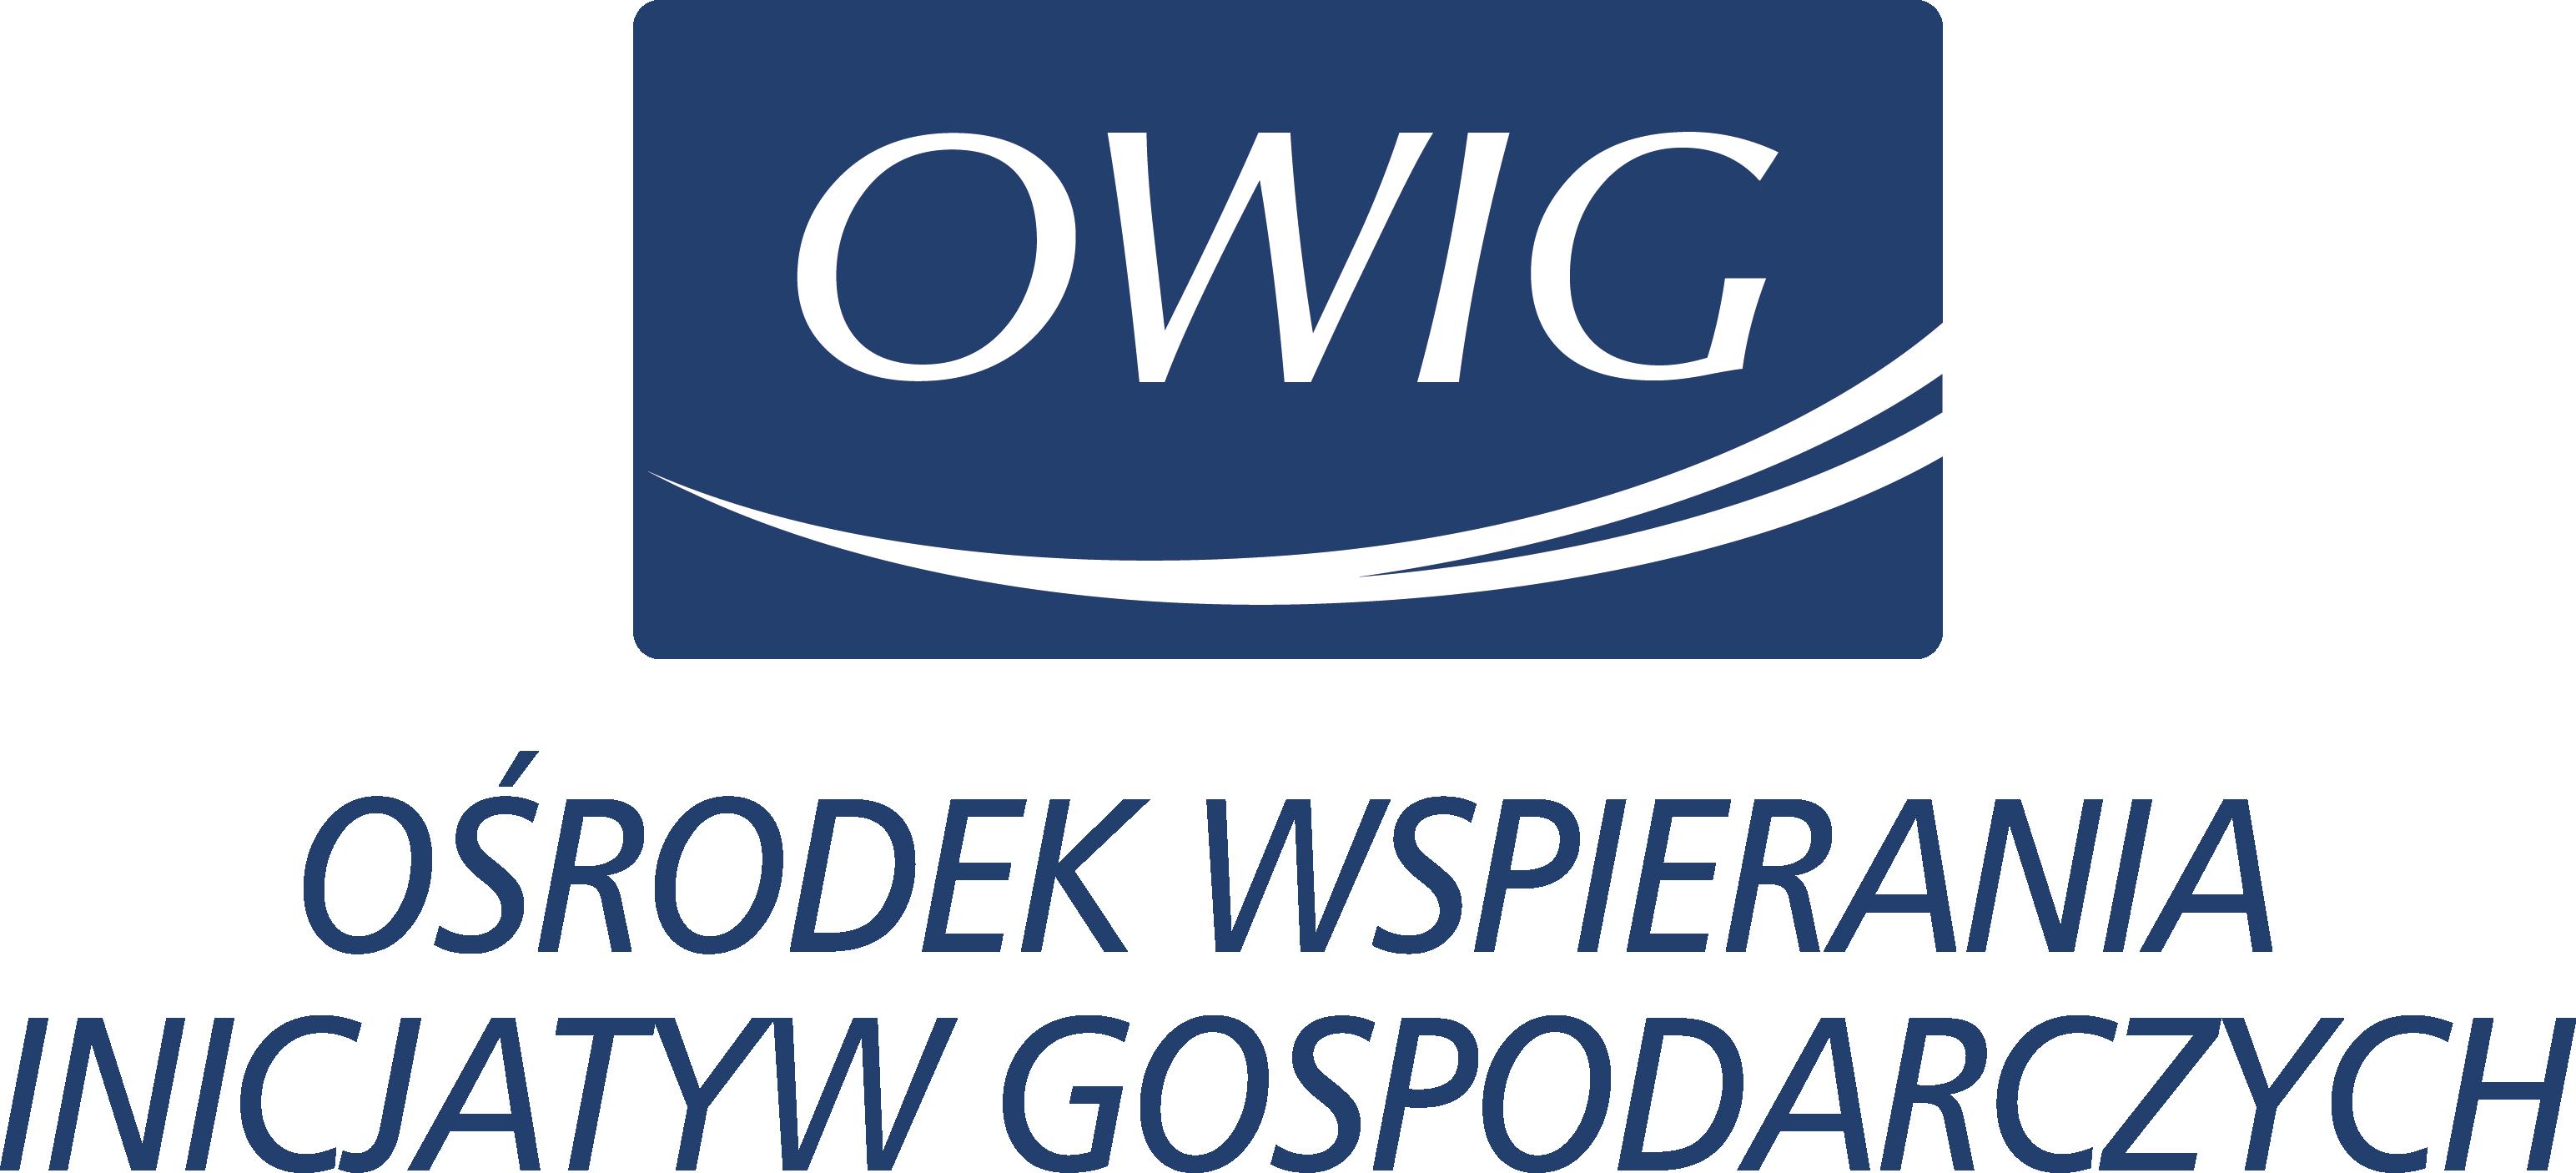 logo owig